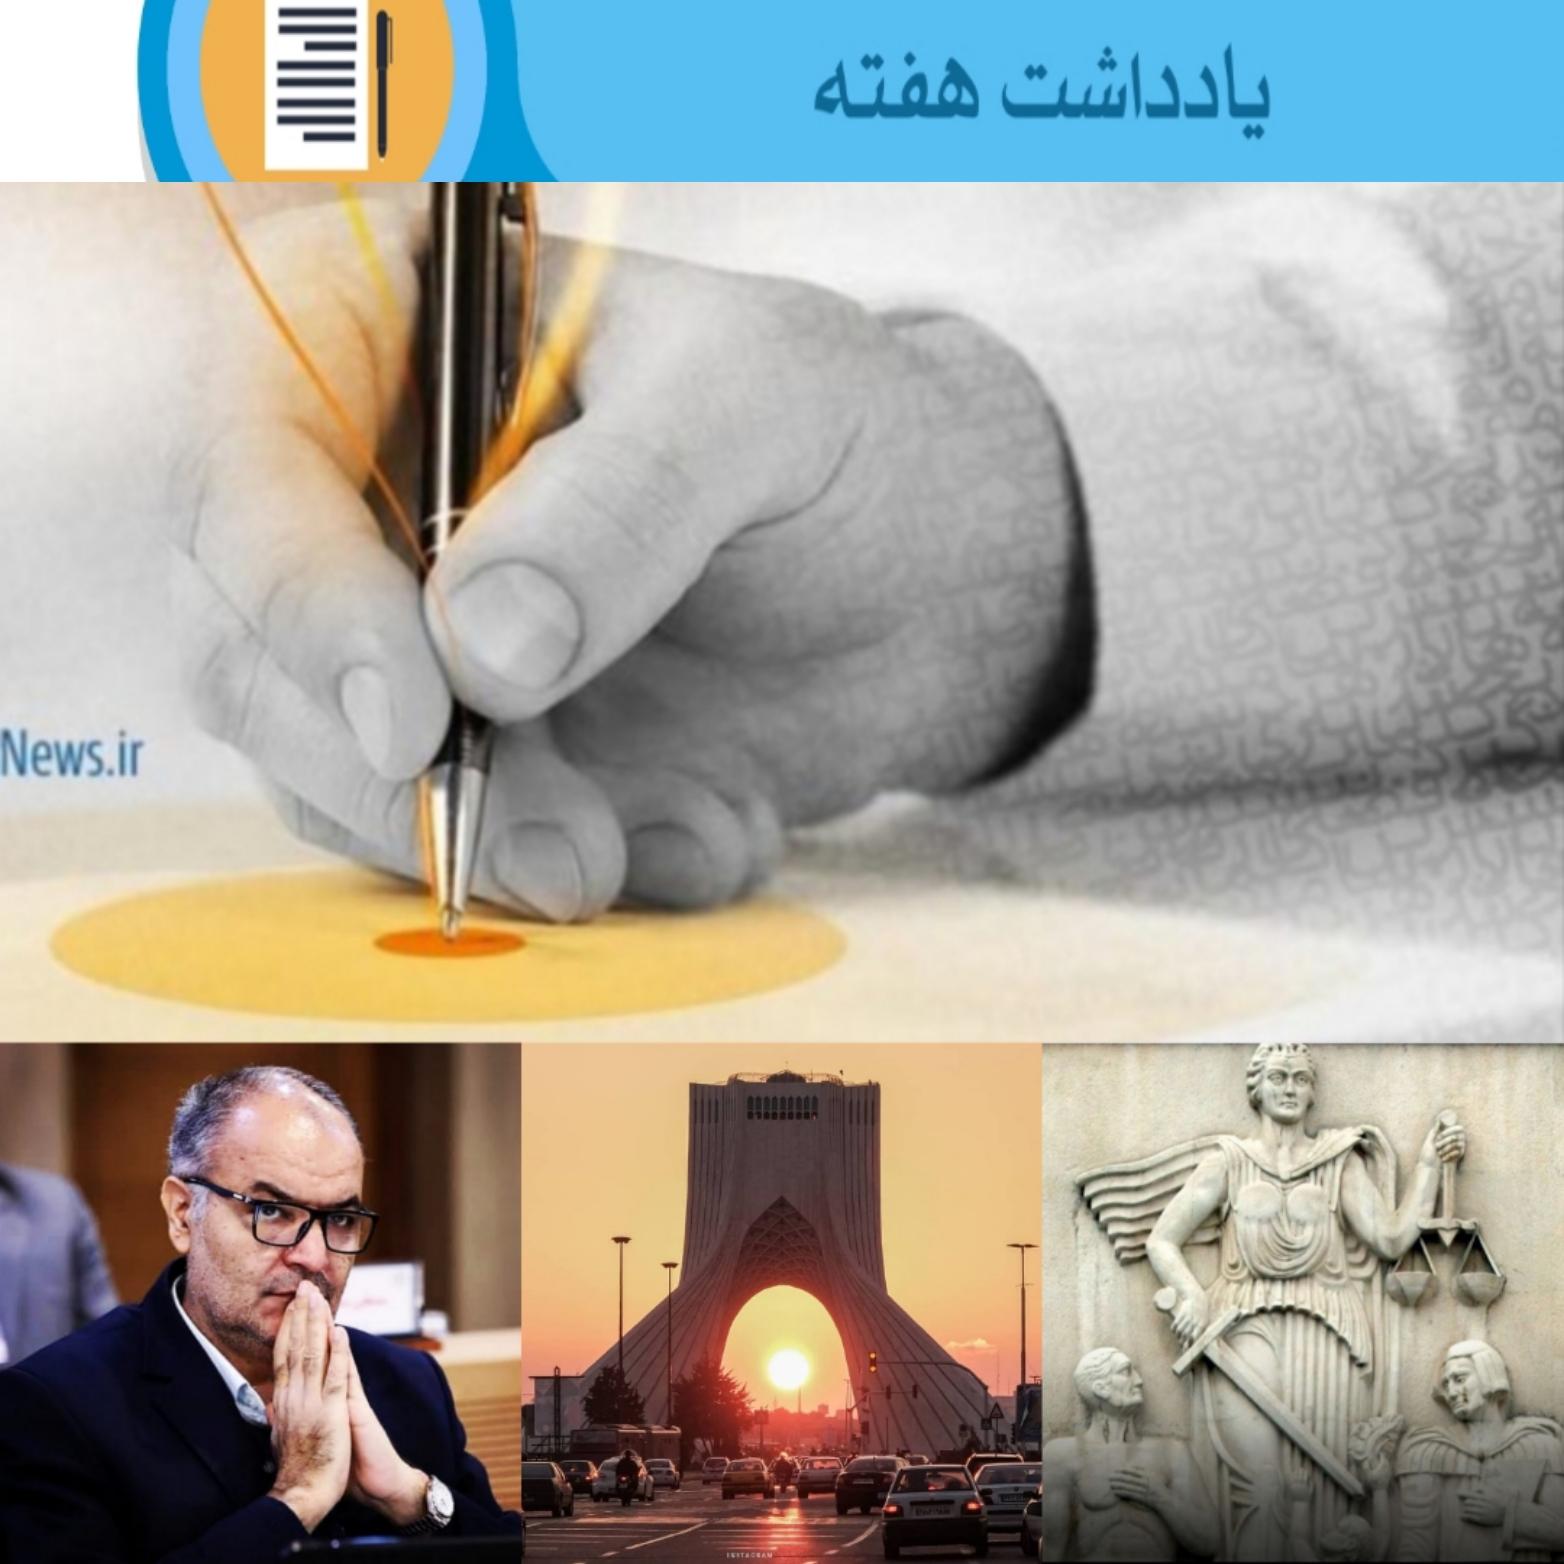 فواید چرخش قدرت/ نویسنده: حمیدرضا موحدی زاده، فعال مدنی، همدل و همگام با مطالبات اکثریت مردم ایران